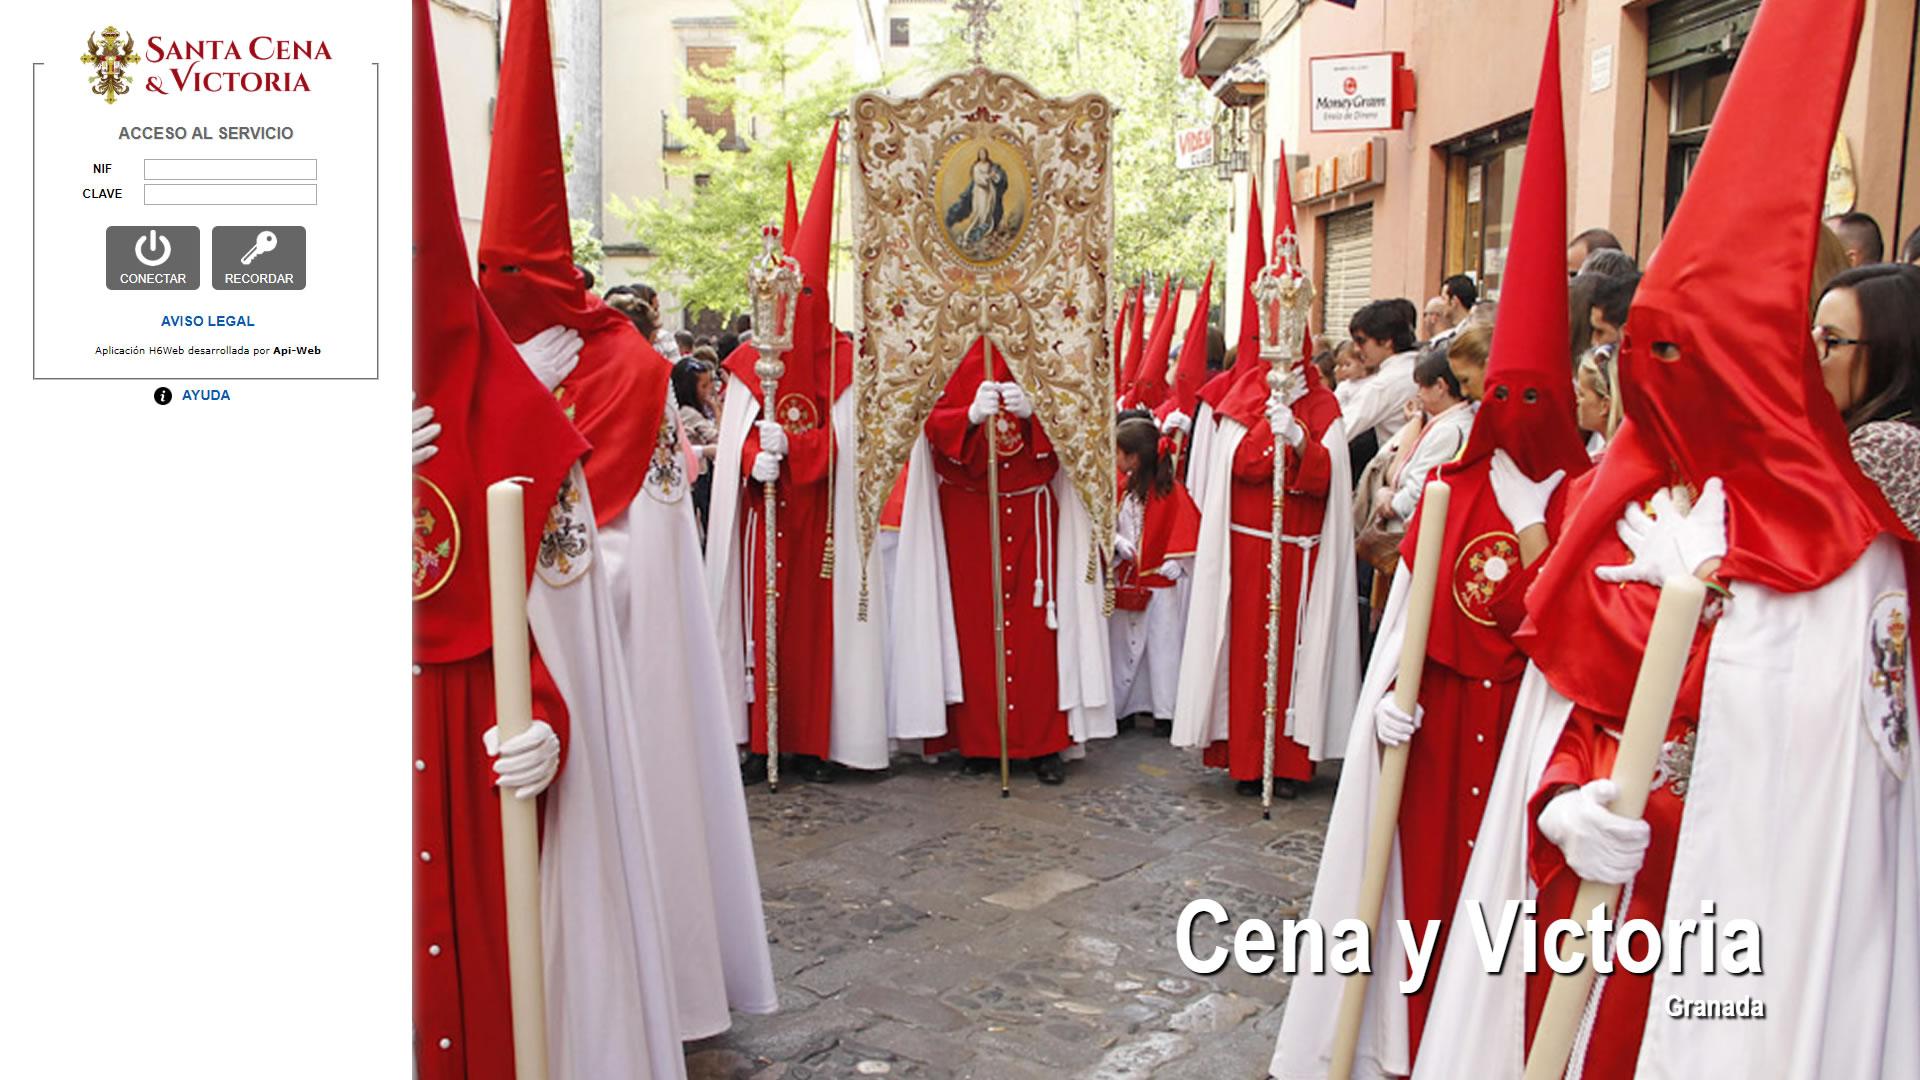 Hermandad de la Santa Cena y Victoria Granada